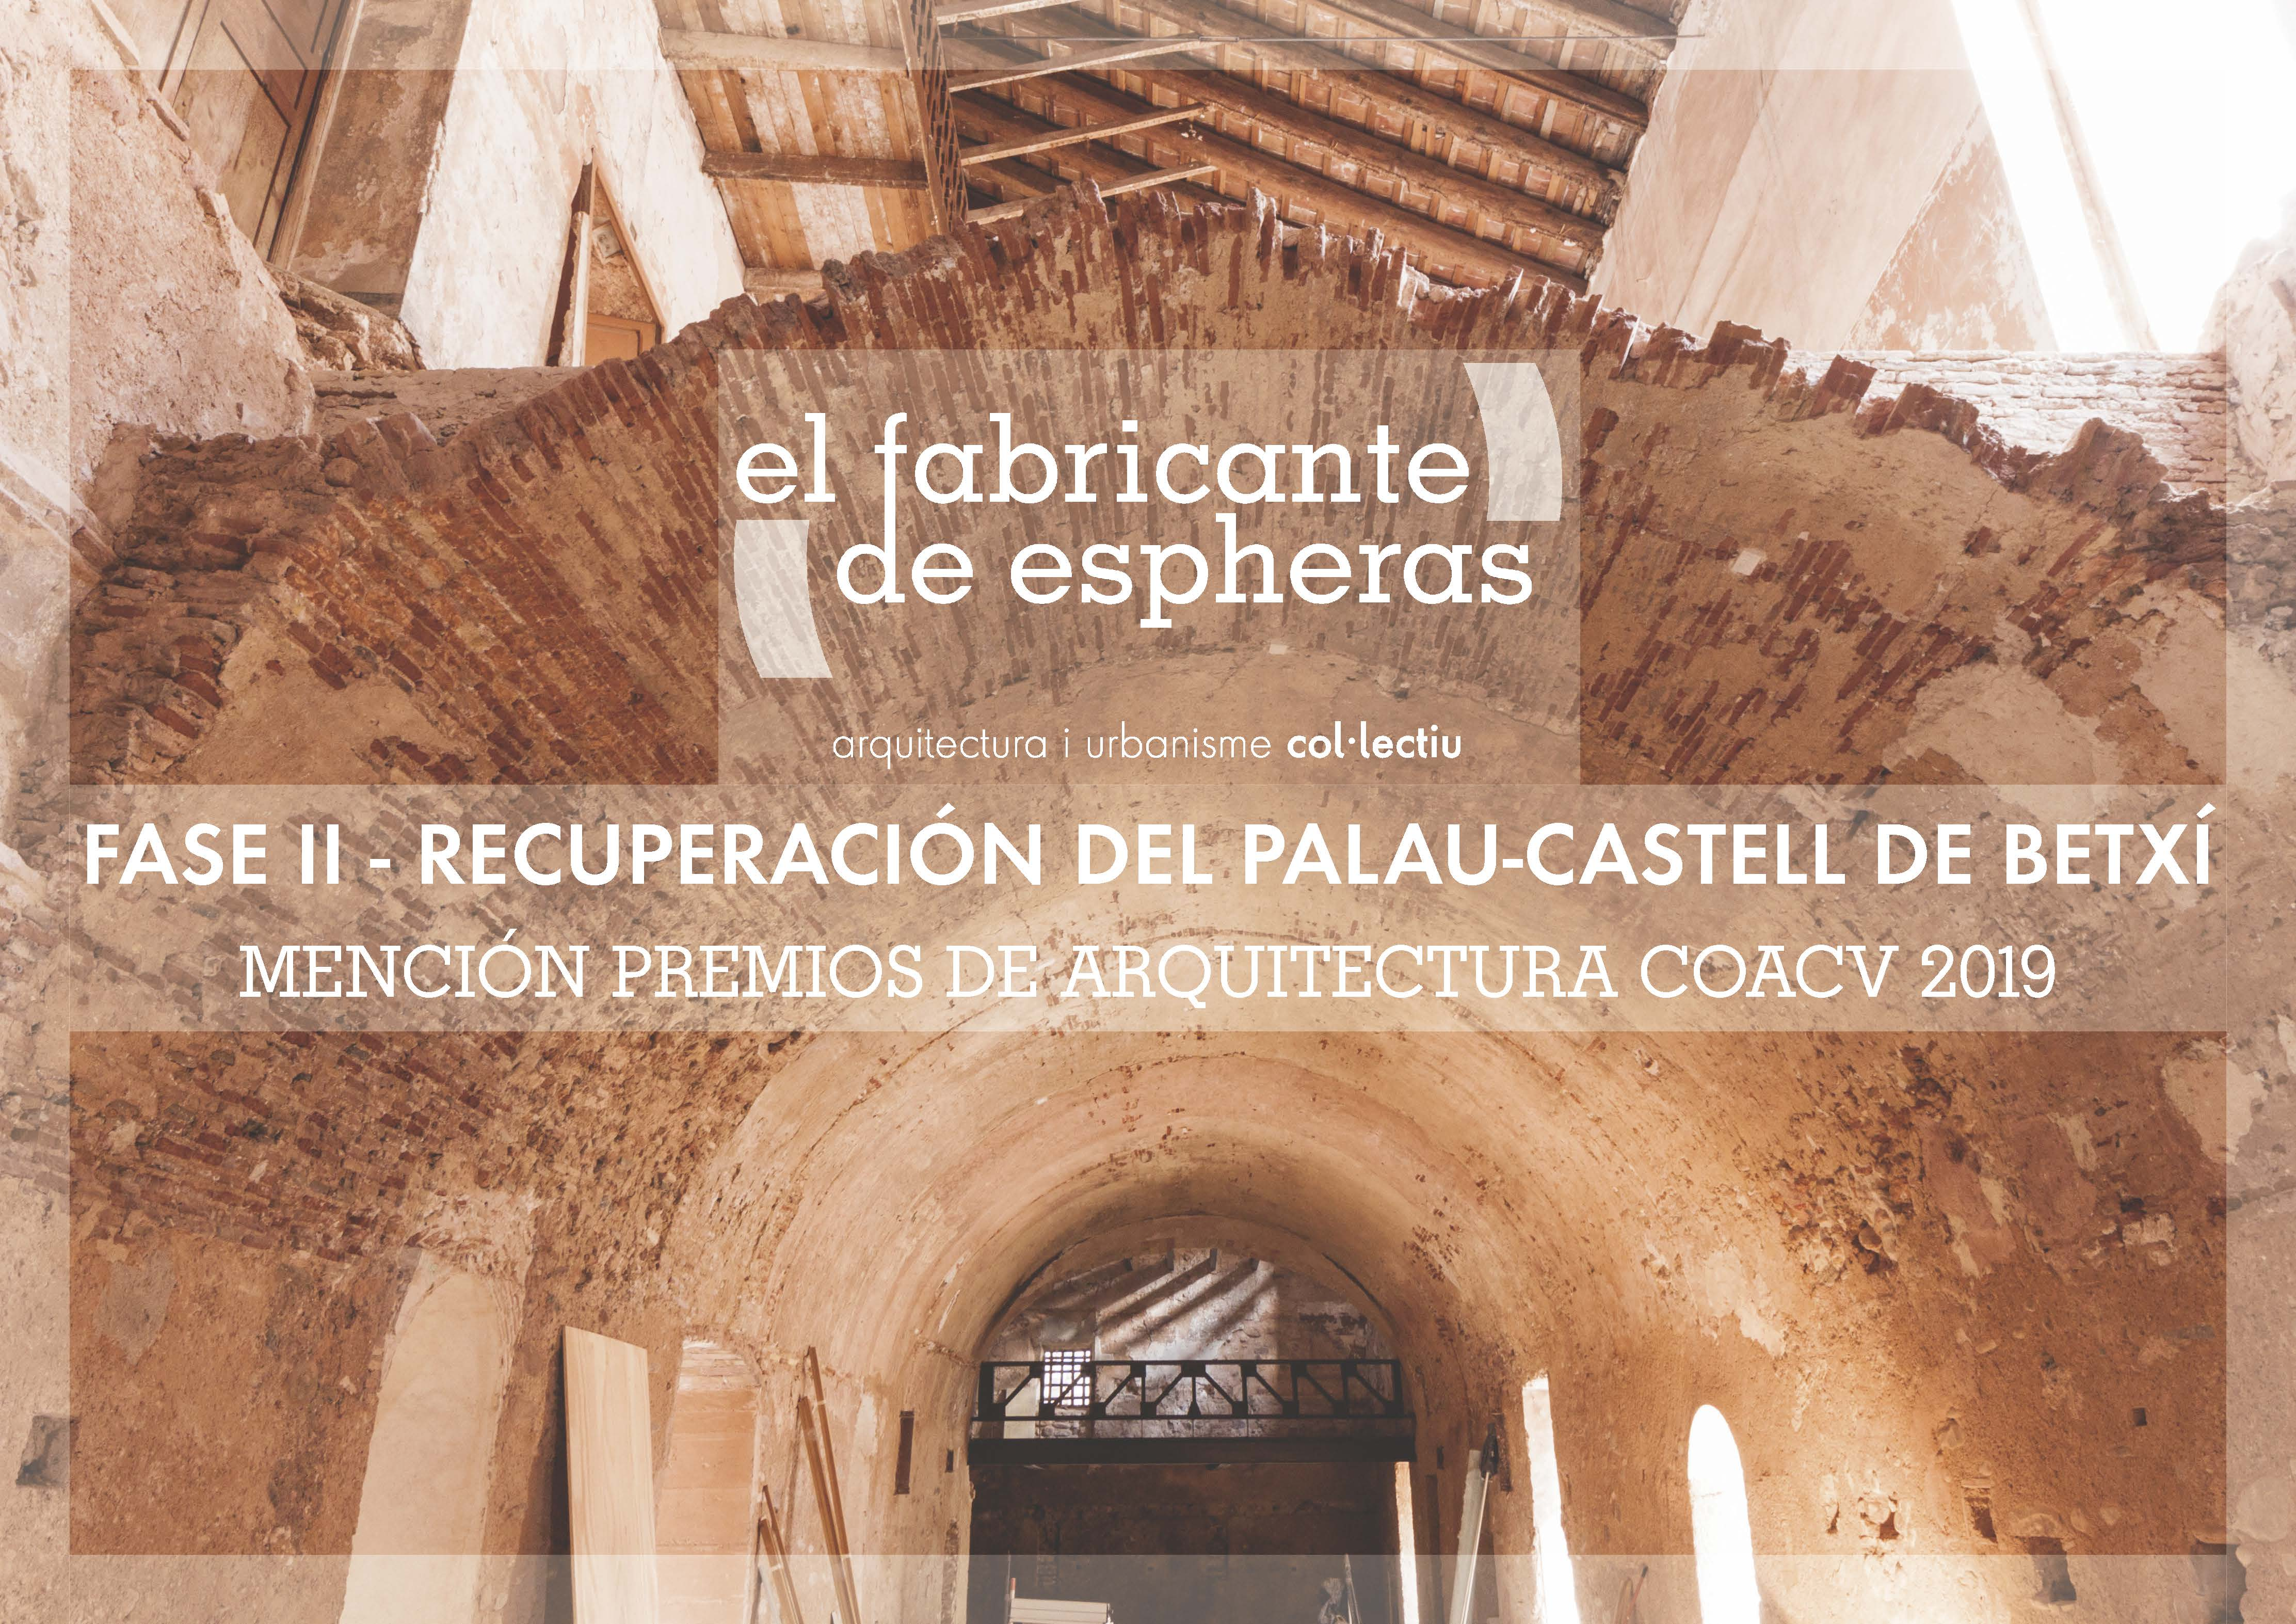 Fase II de Recuperación del Palau-Castell de Betxí. Mención Premios COACV de Arquitectura 2019 en Intervenciones en Edificios Existentes.